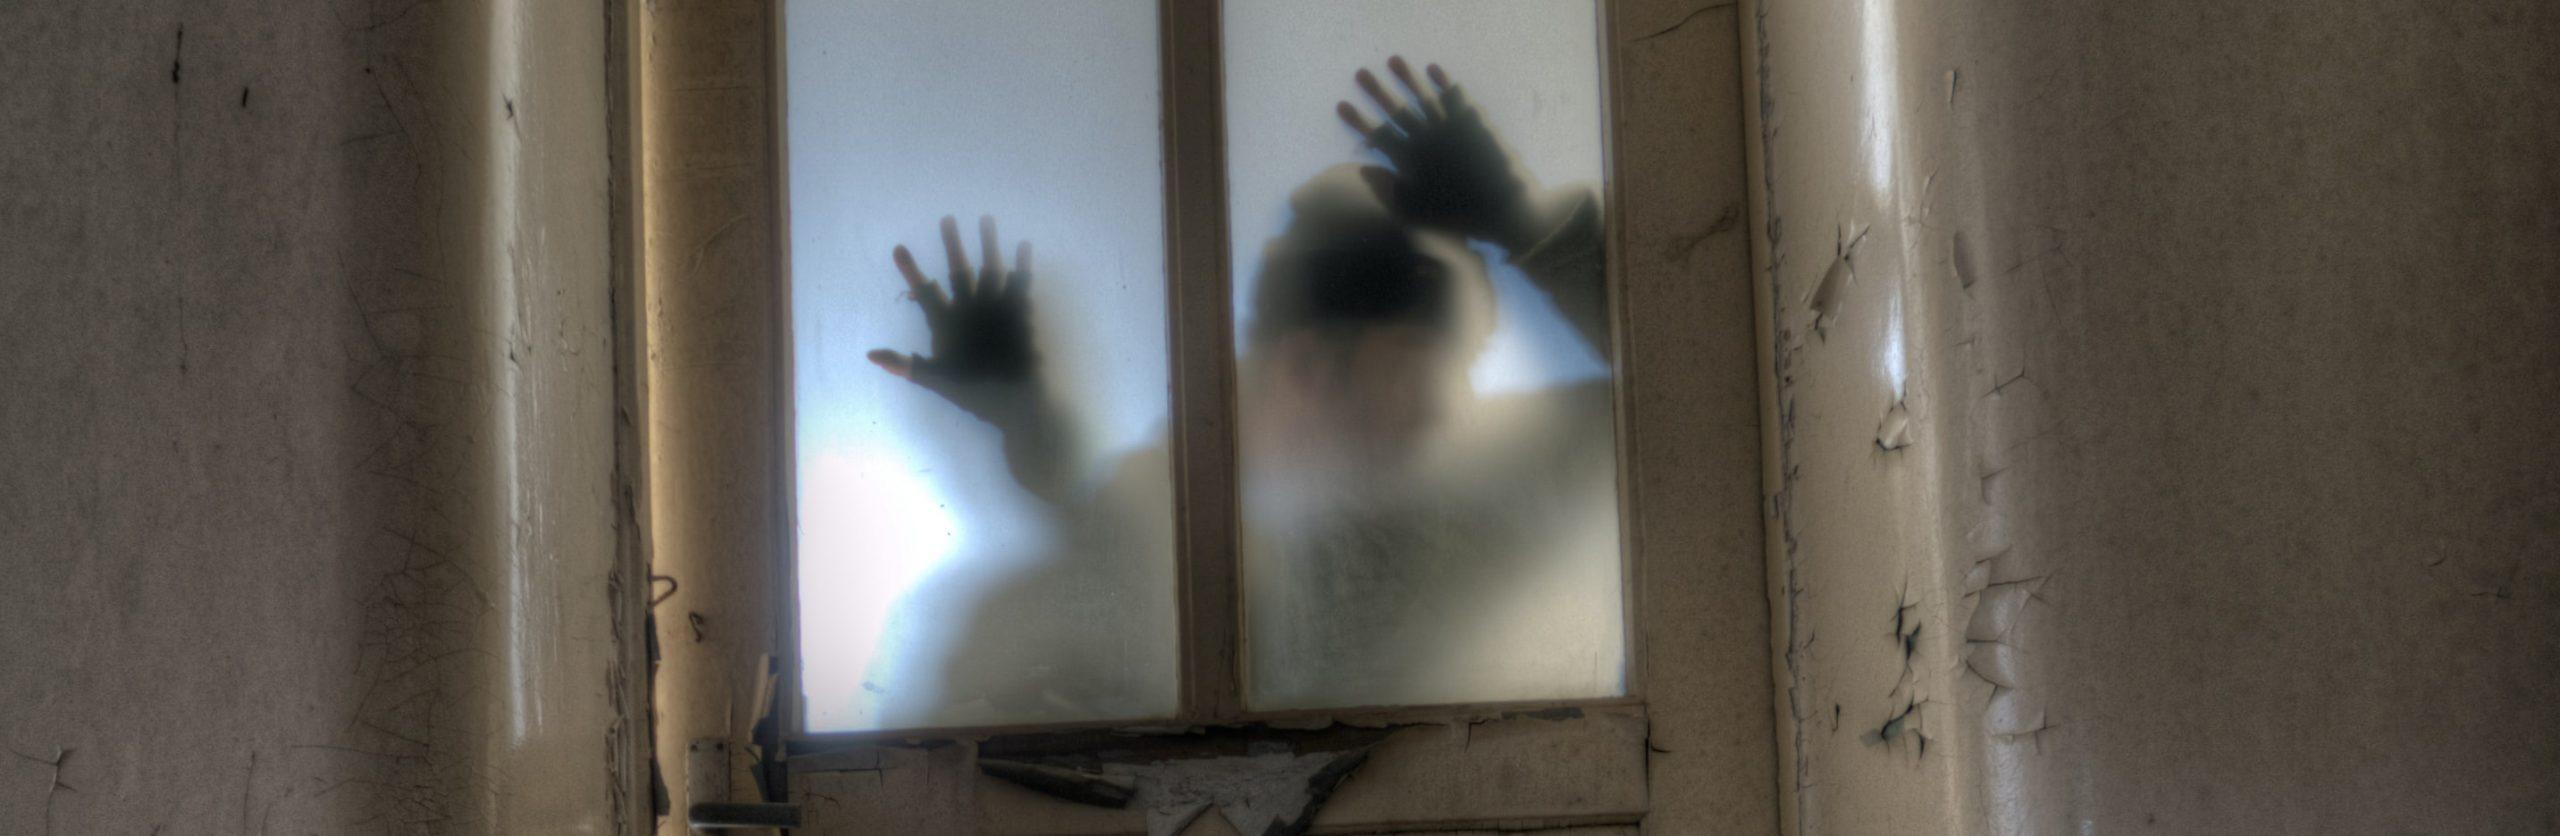 Sollten wir in Kirchens uns mehr mit Zombie-Apokalypsen beschäftigen?